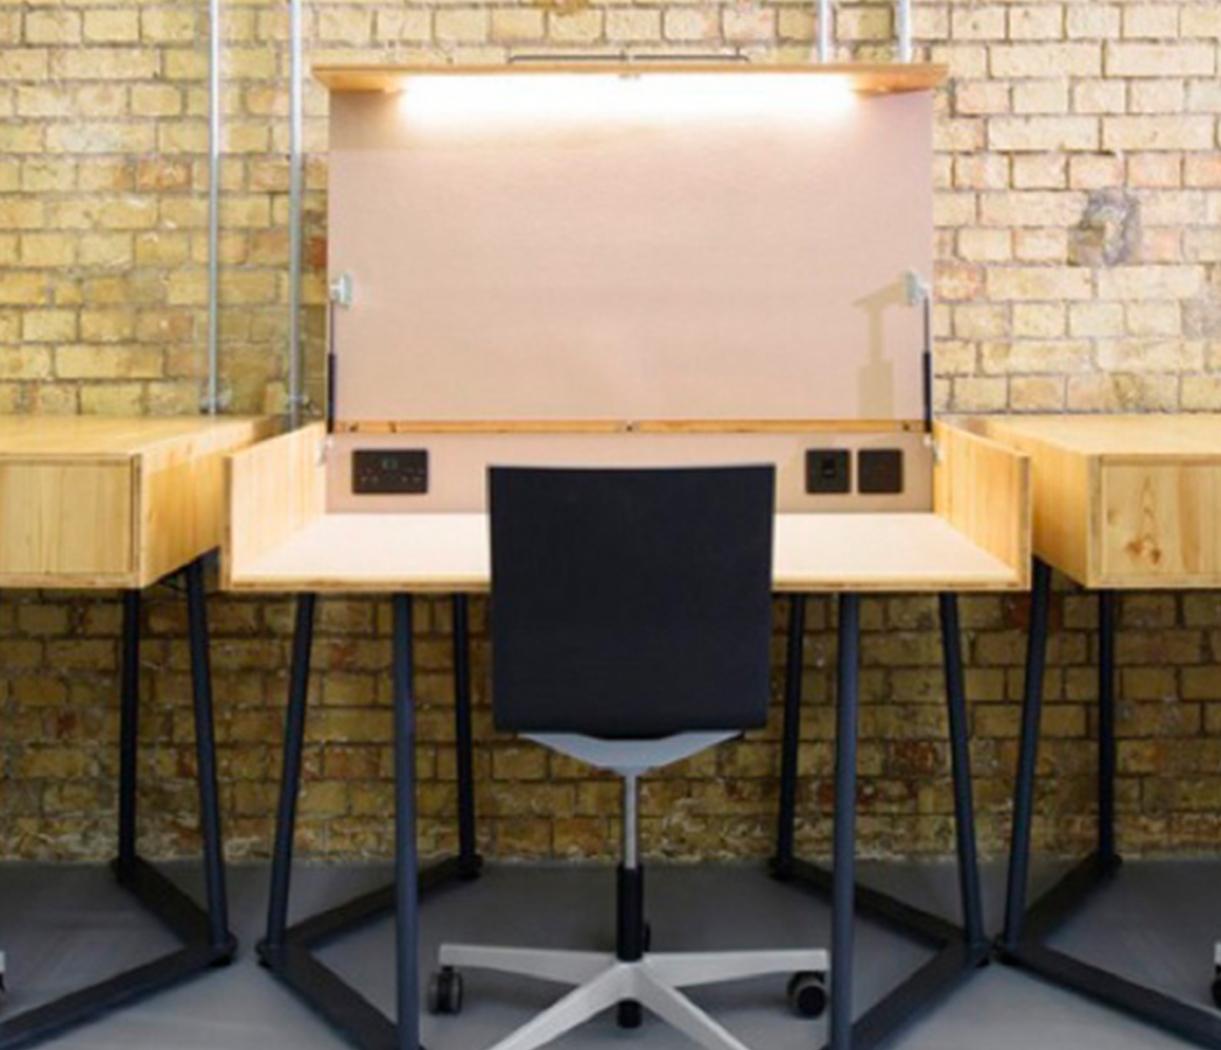 ¿Que espacios favorecen mas el trabajo individual